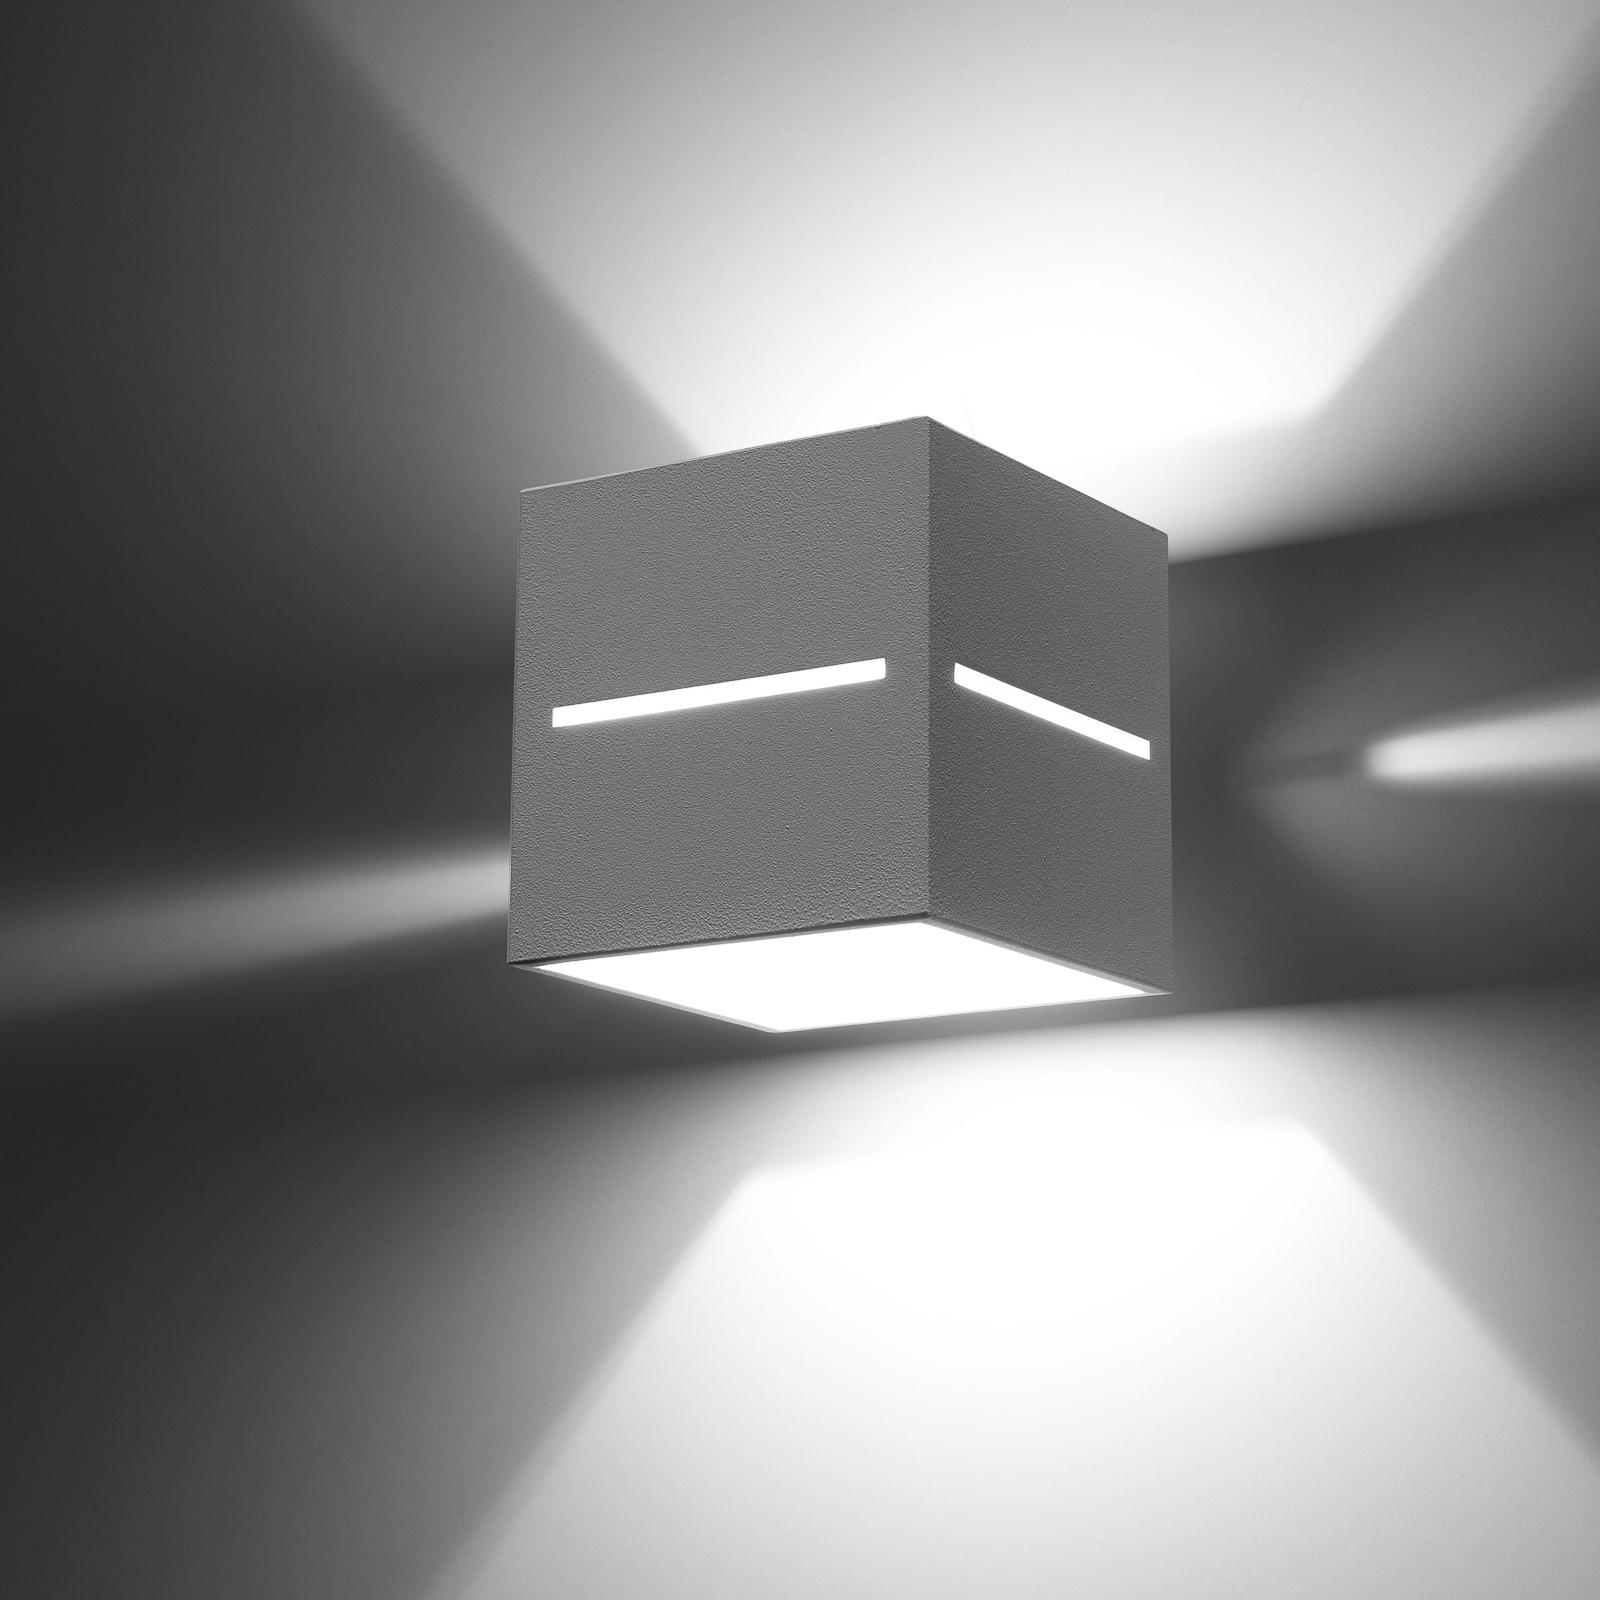 Seinävalaisin Top ylös/alas, valkoinen runko